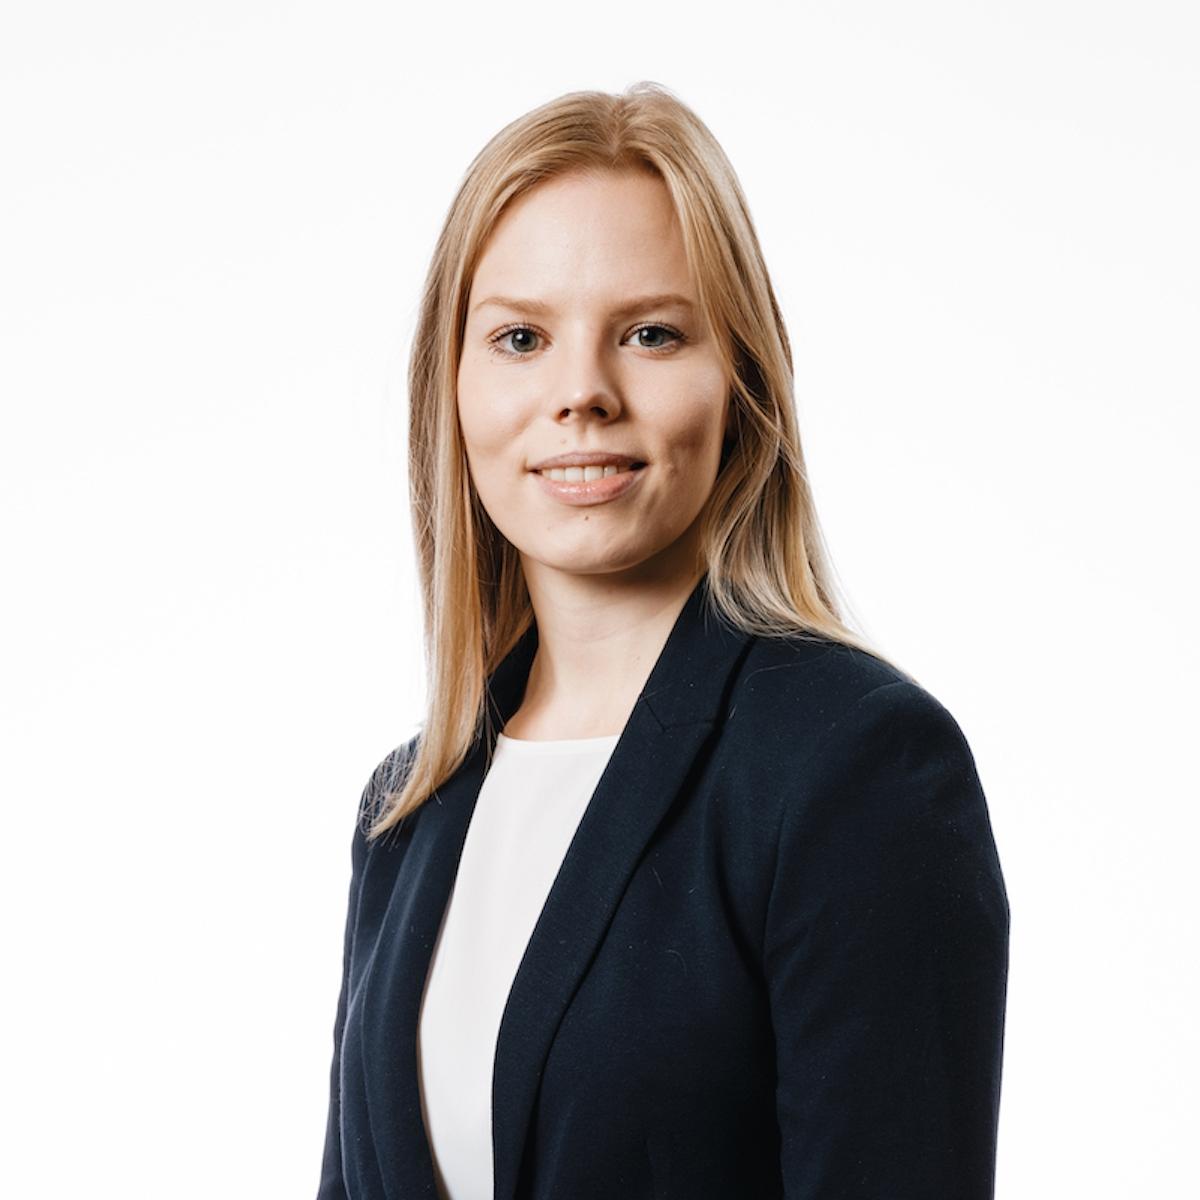 Alina Kukkonen